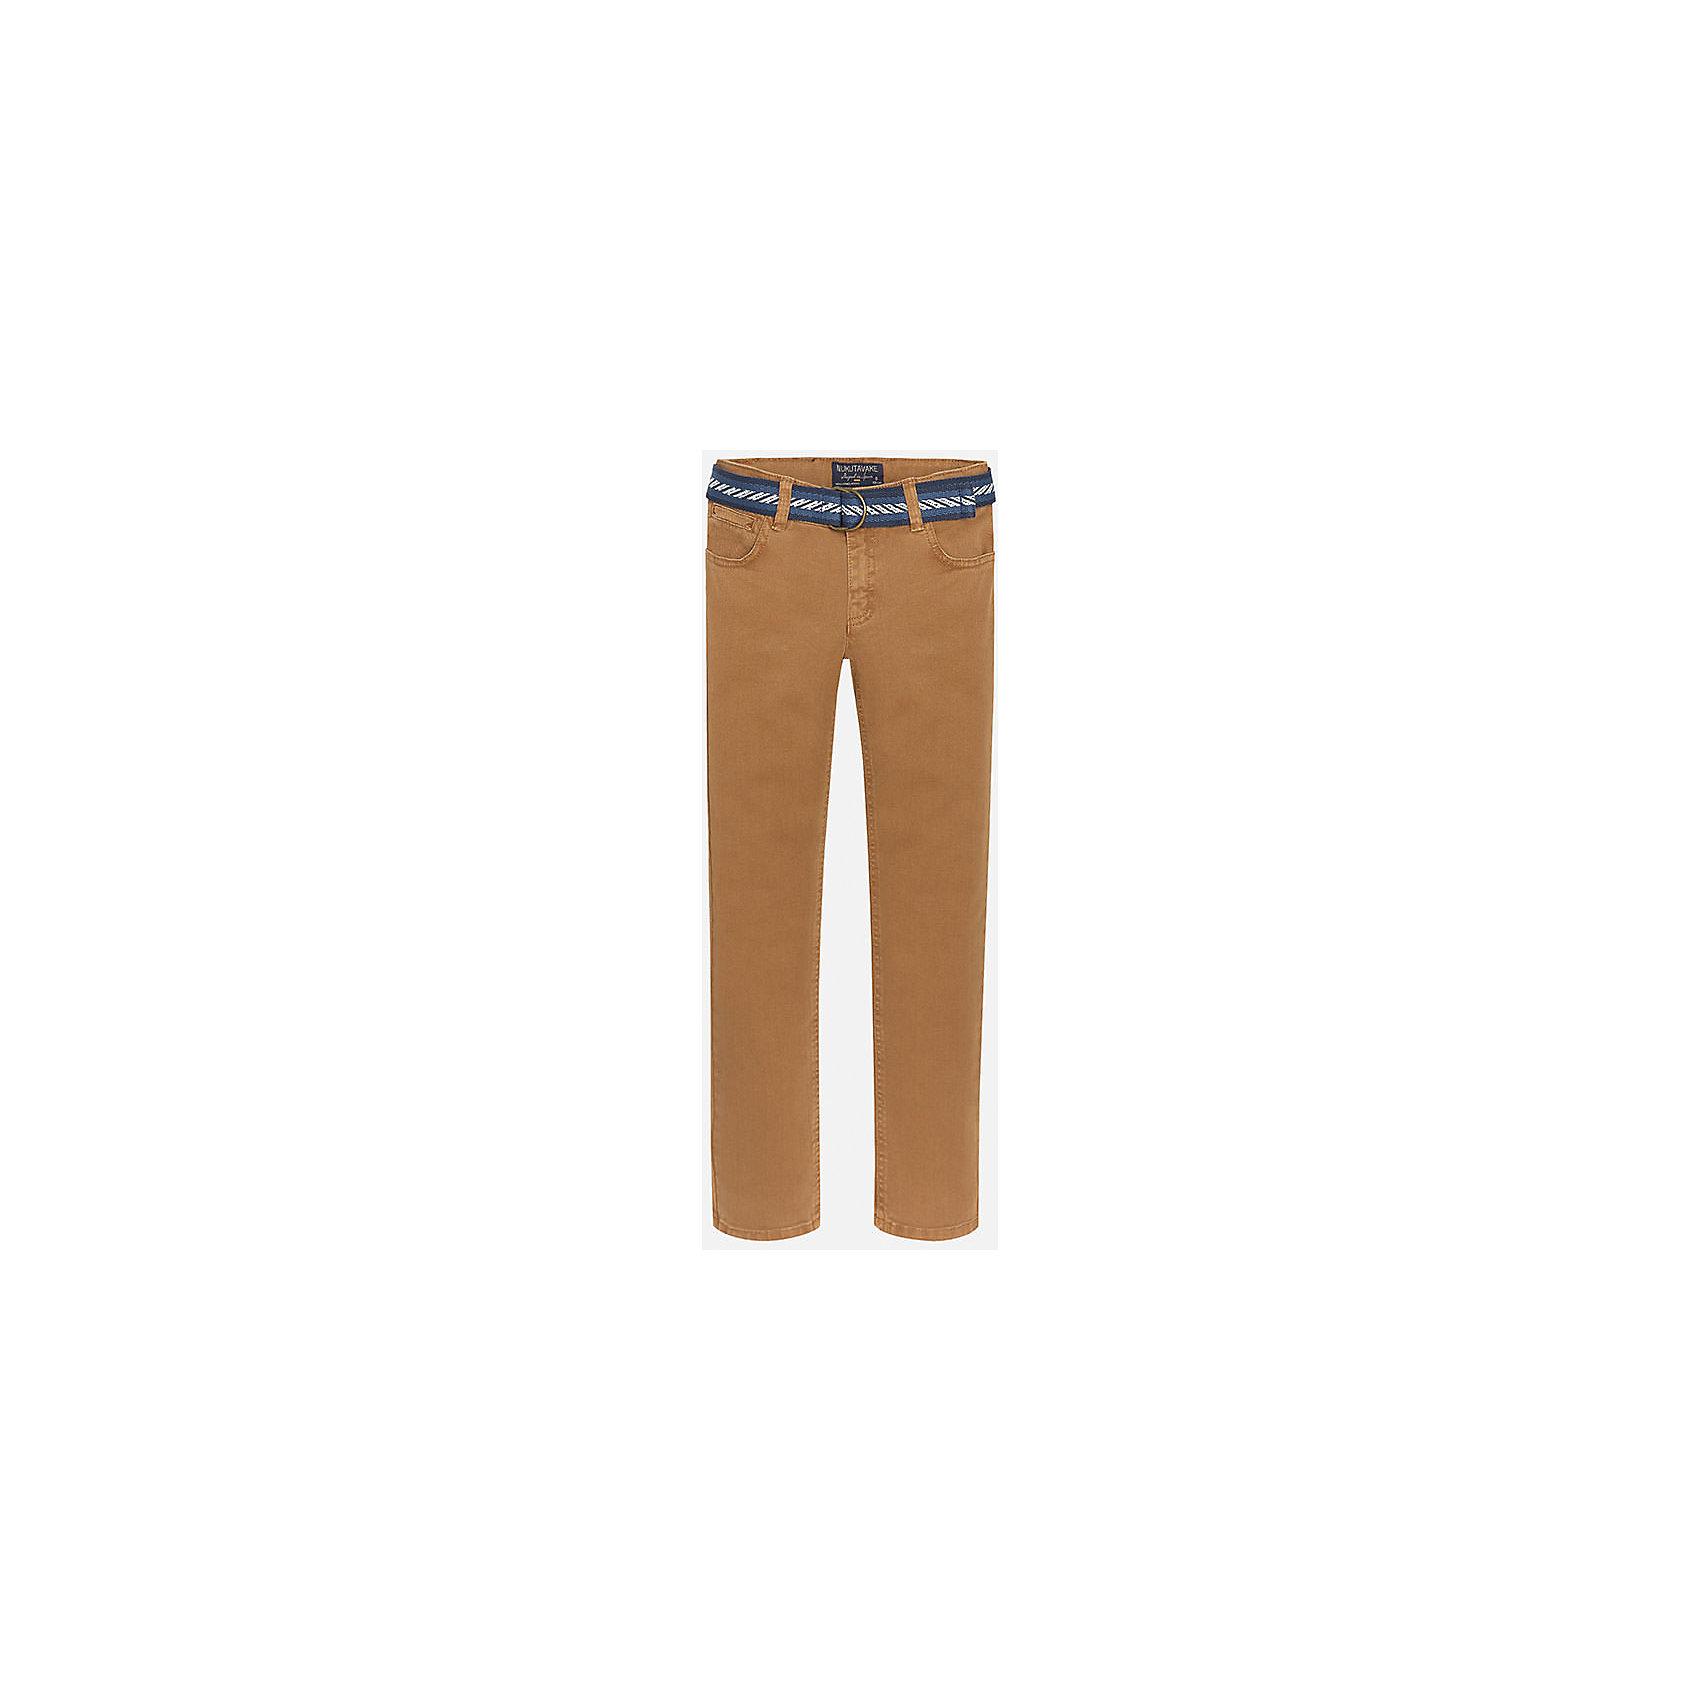 Брюки для мальчика MayoralБрюки для мальчика от популярного испанского бренда Mayoral(Майорал). Стильные брюки прямого кроя с ремешком на поясе. Есть по два кармана спереди и сзади. Прекрасное сочетания простоты и качества!<br><br>Дополнительная информация:<br>Состав: 98% хлопок, 2% эластан. Ремень: 100% полиэстер<br>Цвет: коричневый<br>Брюки для мальчика Mayoral(Майорал) вы можете приобрести в нашем интернет-магазине.<br><br>Ширина мм: 215<br>Глубина мм: 88<br>Высота мм: 191<br>Вес г: 336<br>Цвет: бежевый<br>Возраст от месяцев: 96<br>Возраст до месяцев: 108<br>Пол: Мужской<br>Возраст: Детский<br>Размер: 152/158,158/164,128/134,146/152,164/170,140/146<br>SKU: 4827176